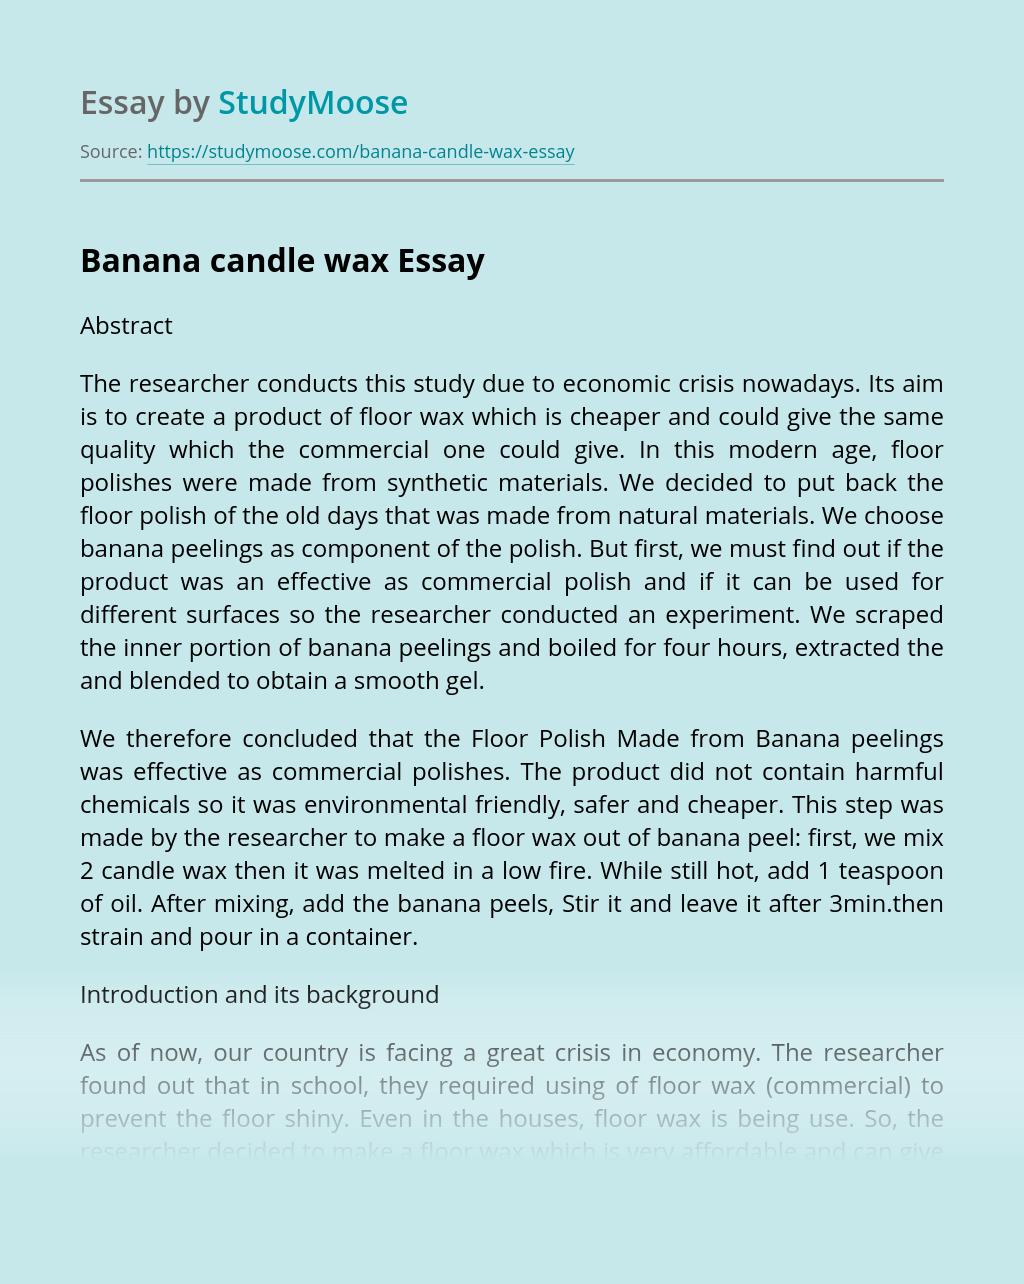 Banana candle wax